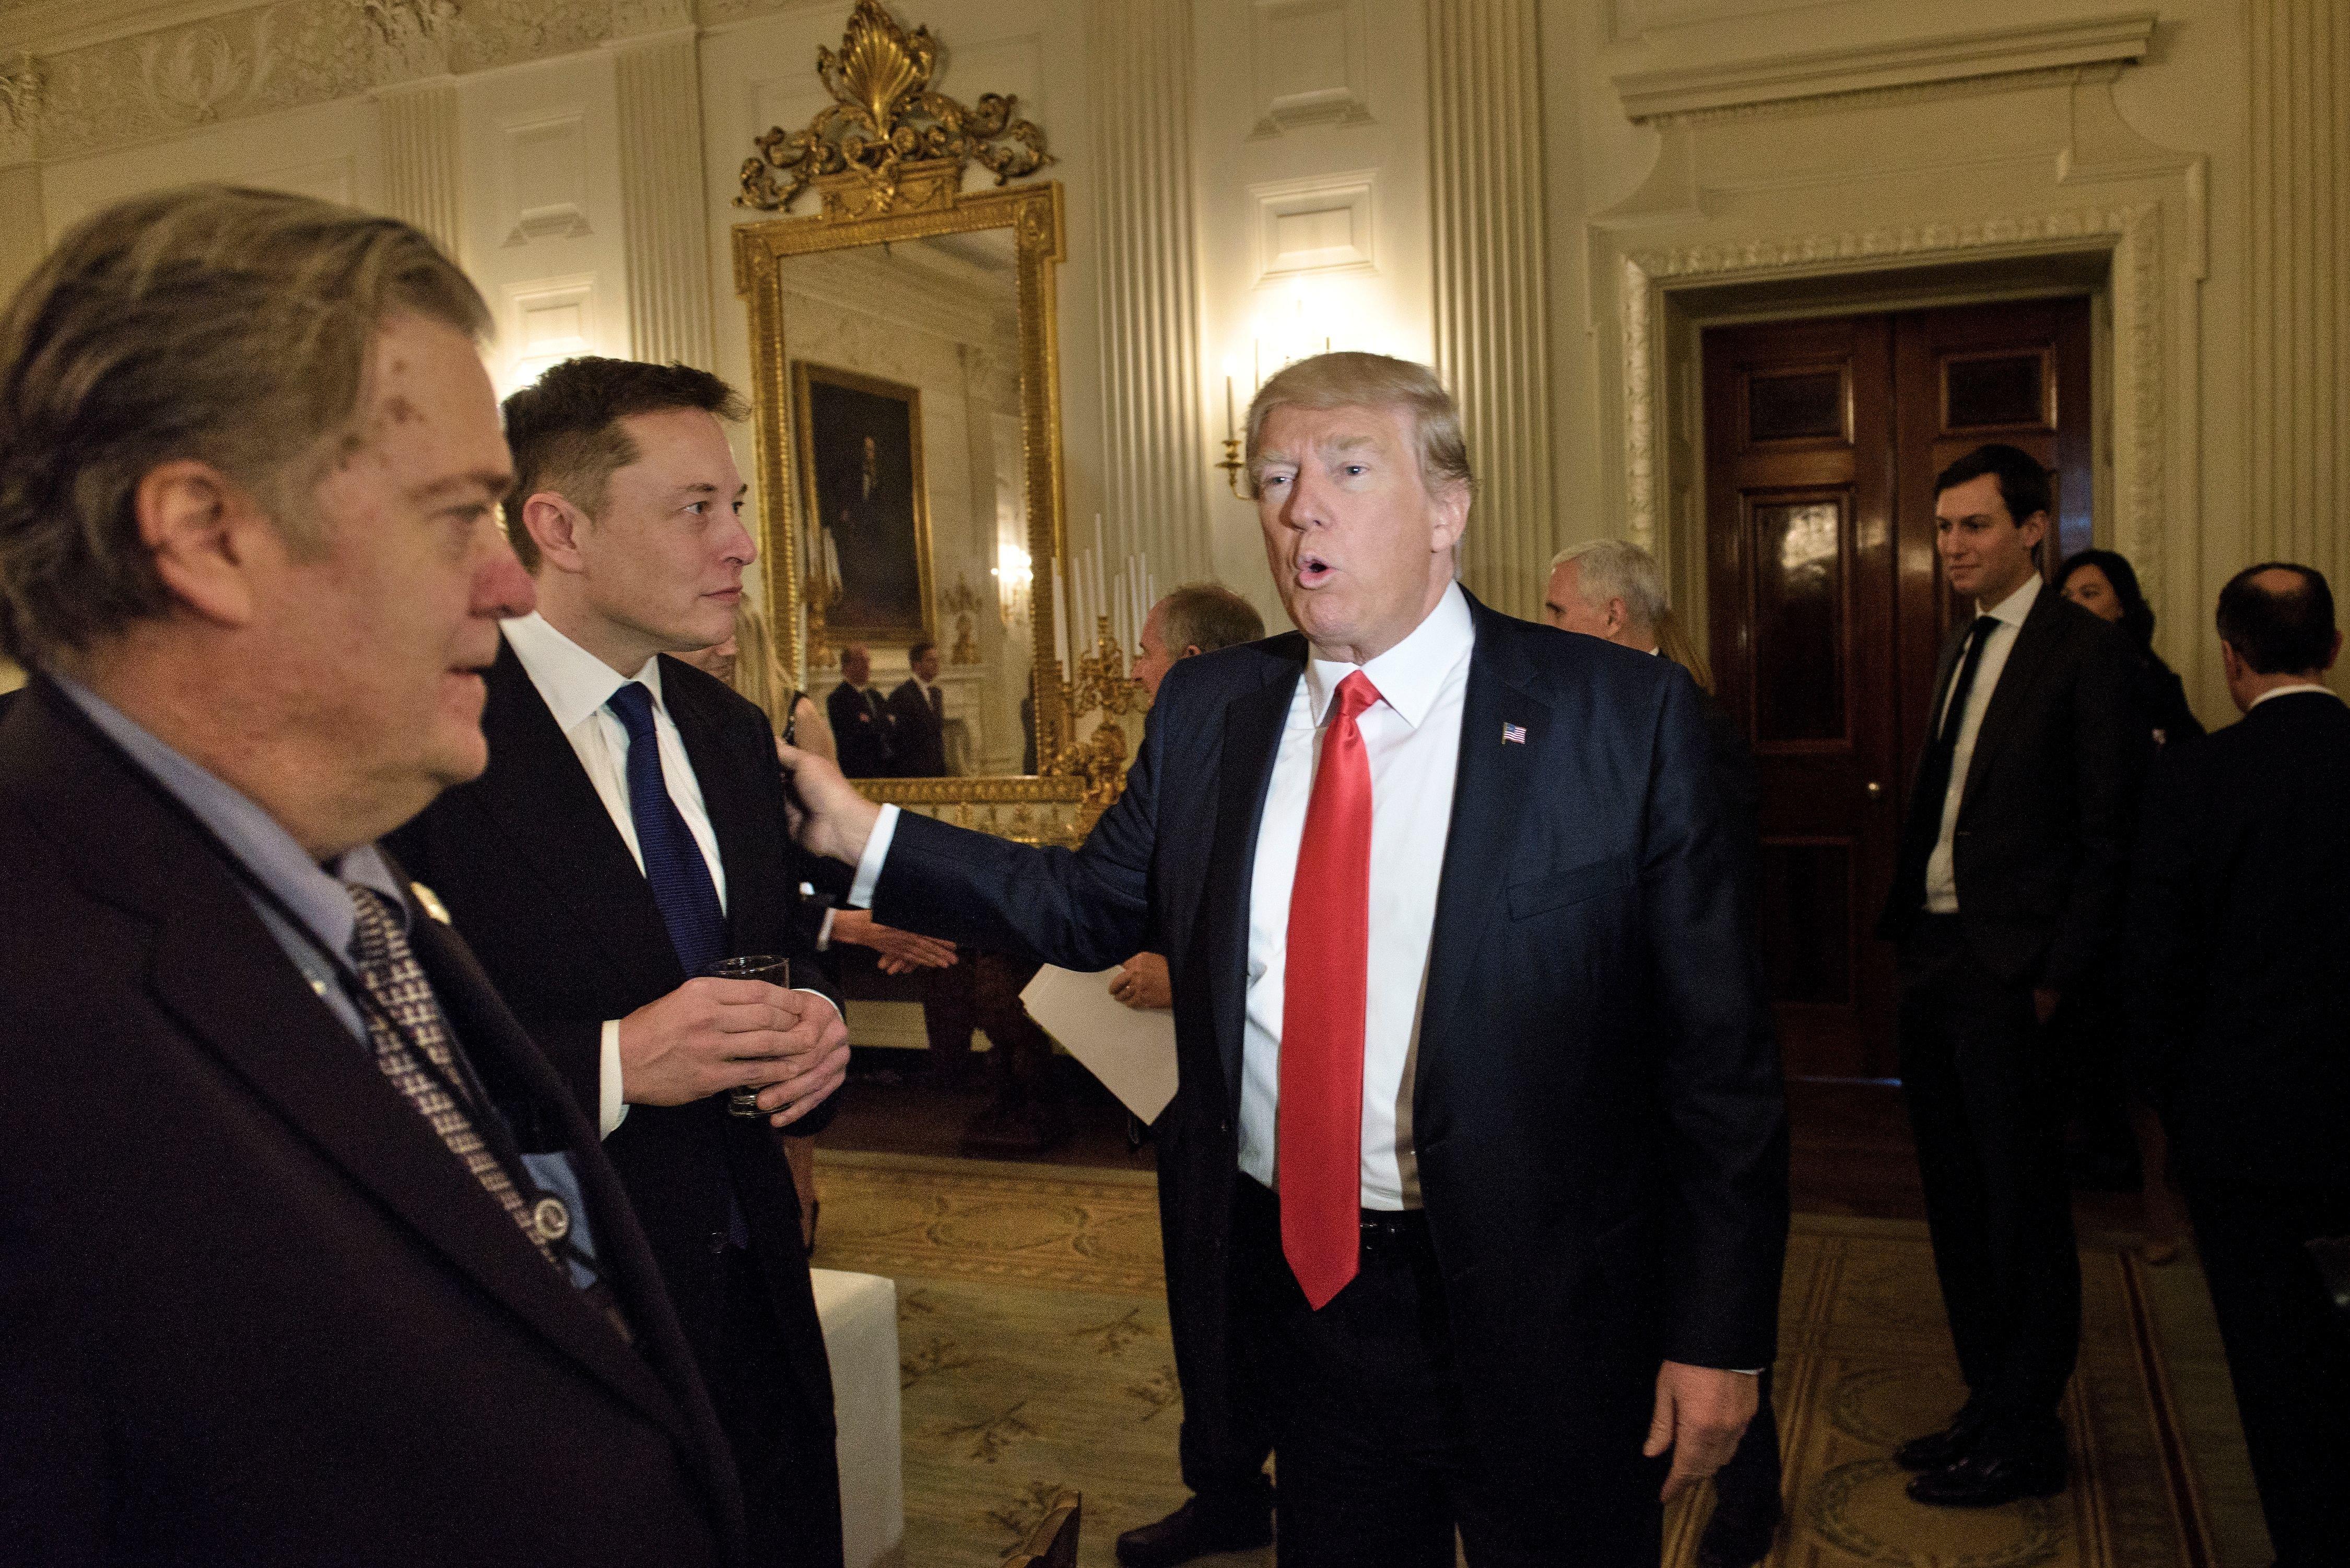 (From left) Steve Bannon, Elon Musk, President Donald Trump and Jared Kushner at the White House, Feb. 3, 2017.